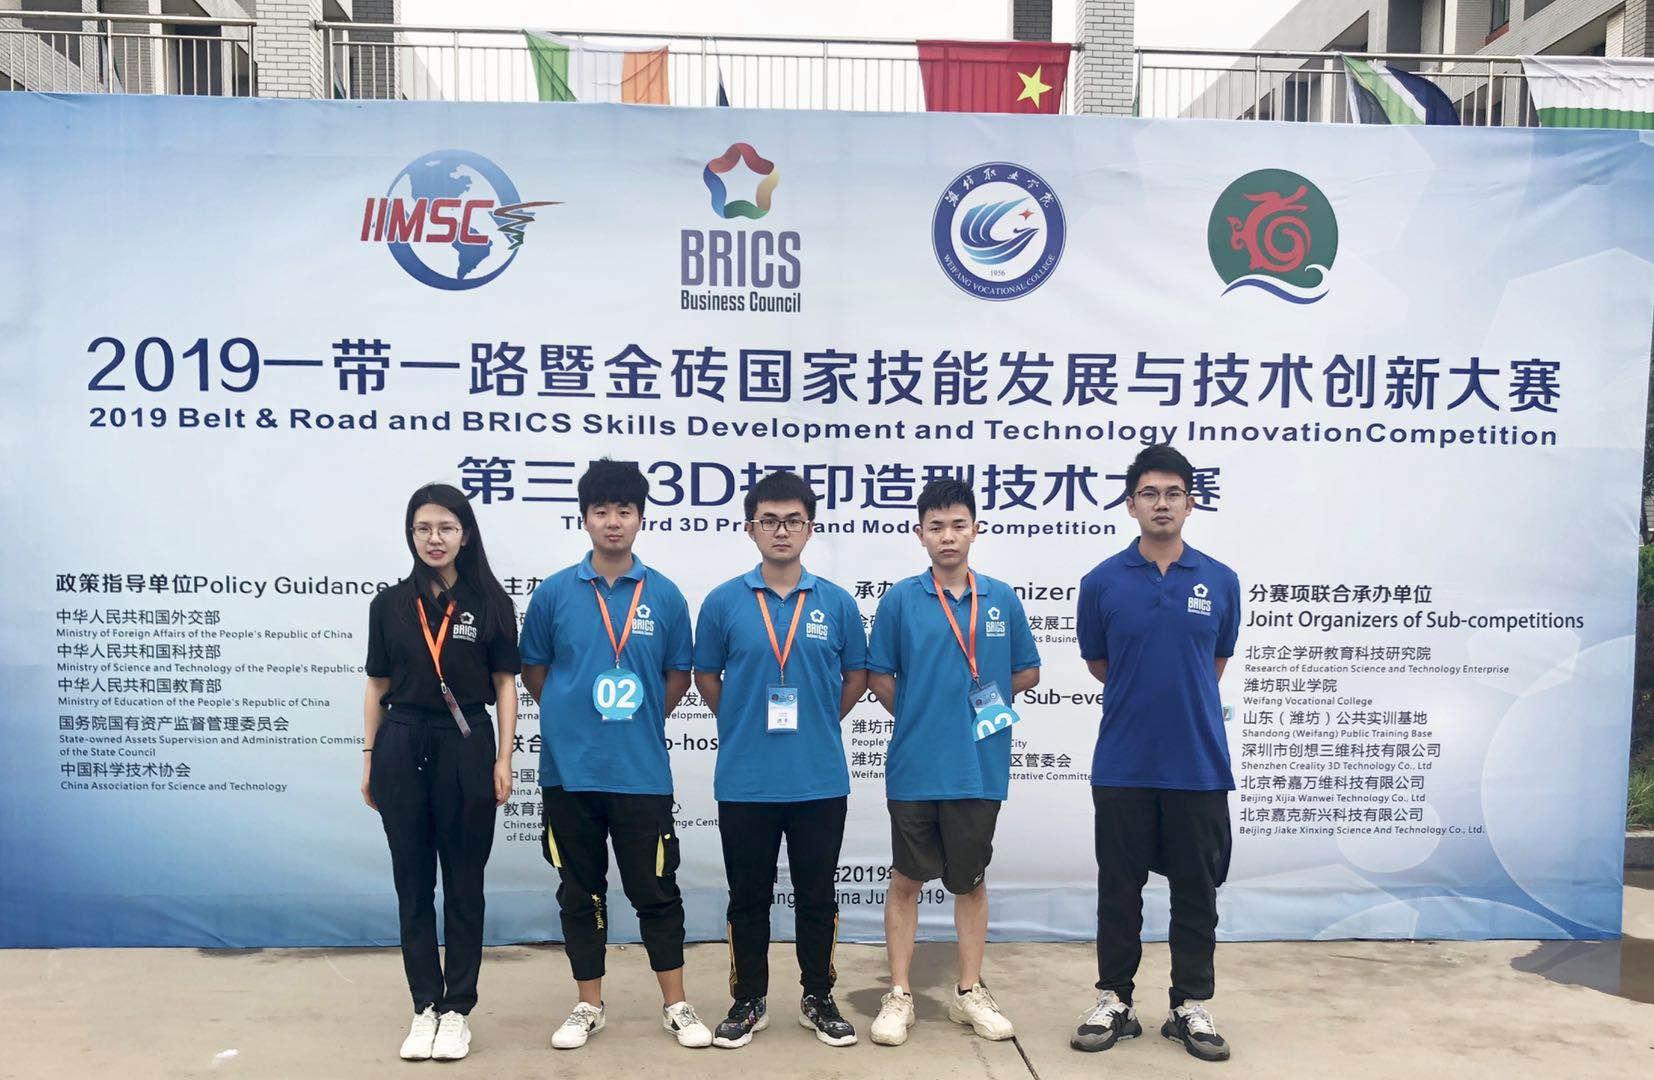 潍坊工商职业学院_2020企学研一带一路金砖国家大赛 - 企学研一带一路金砖国家大赛